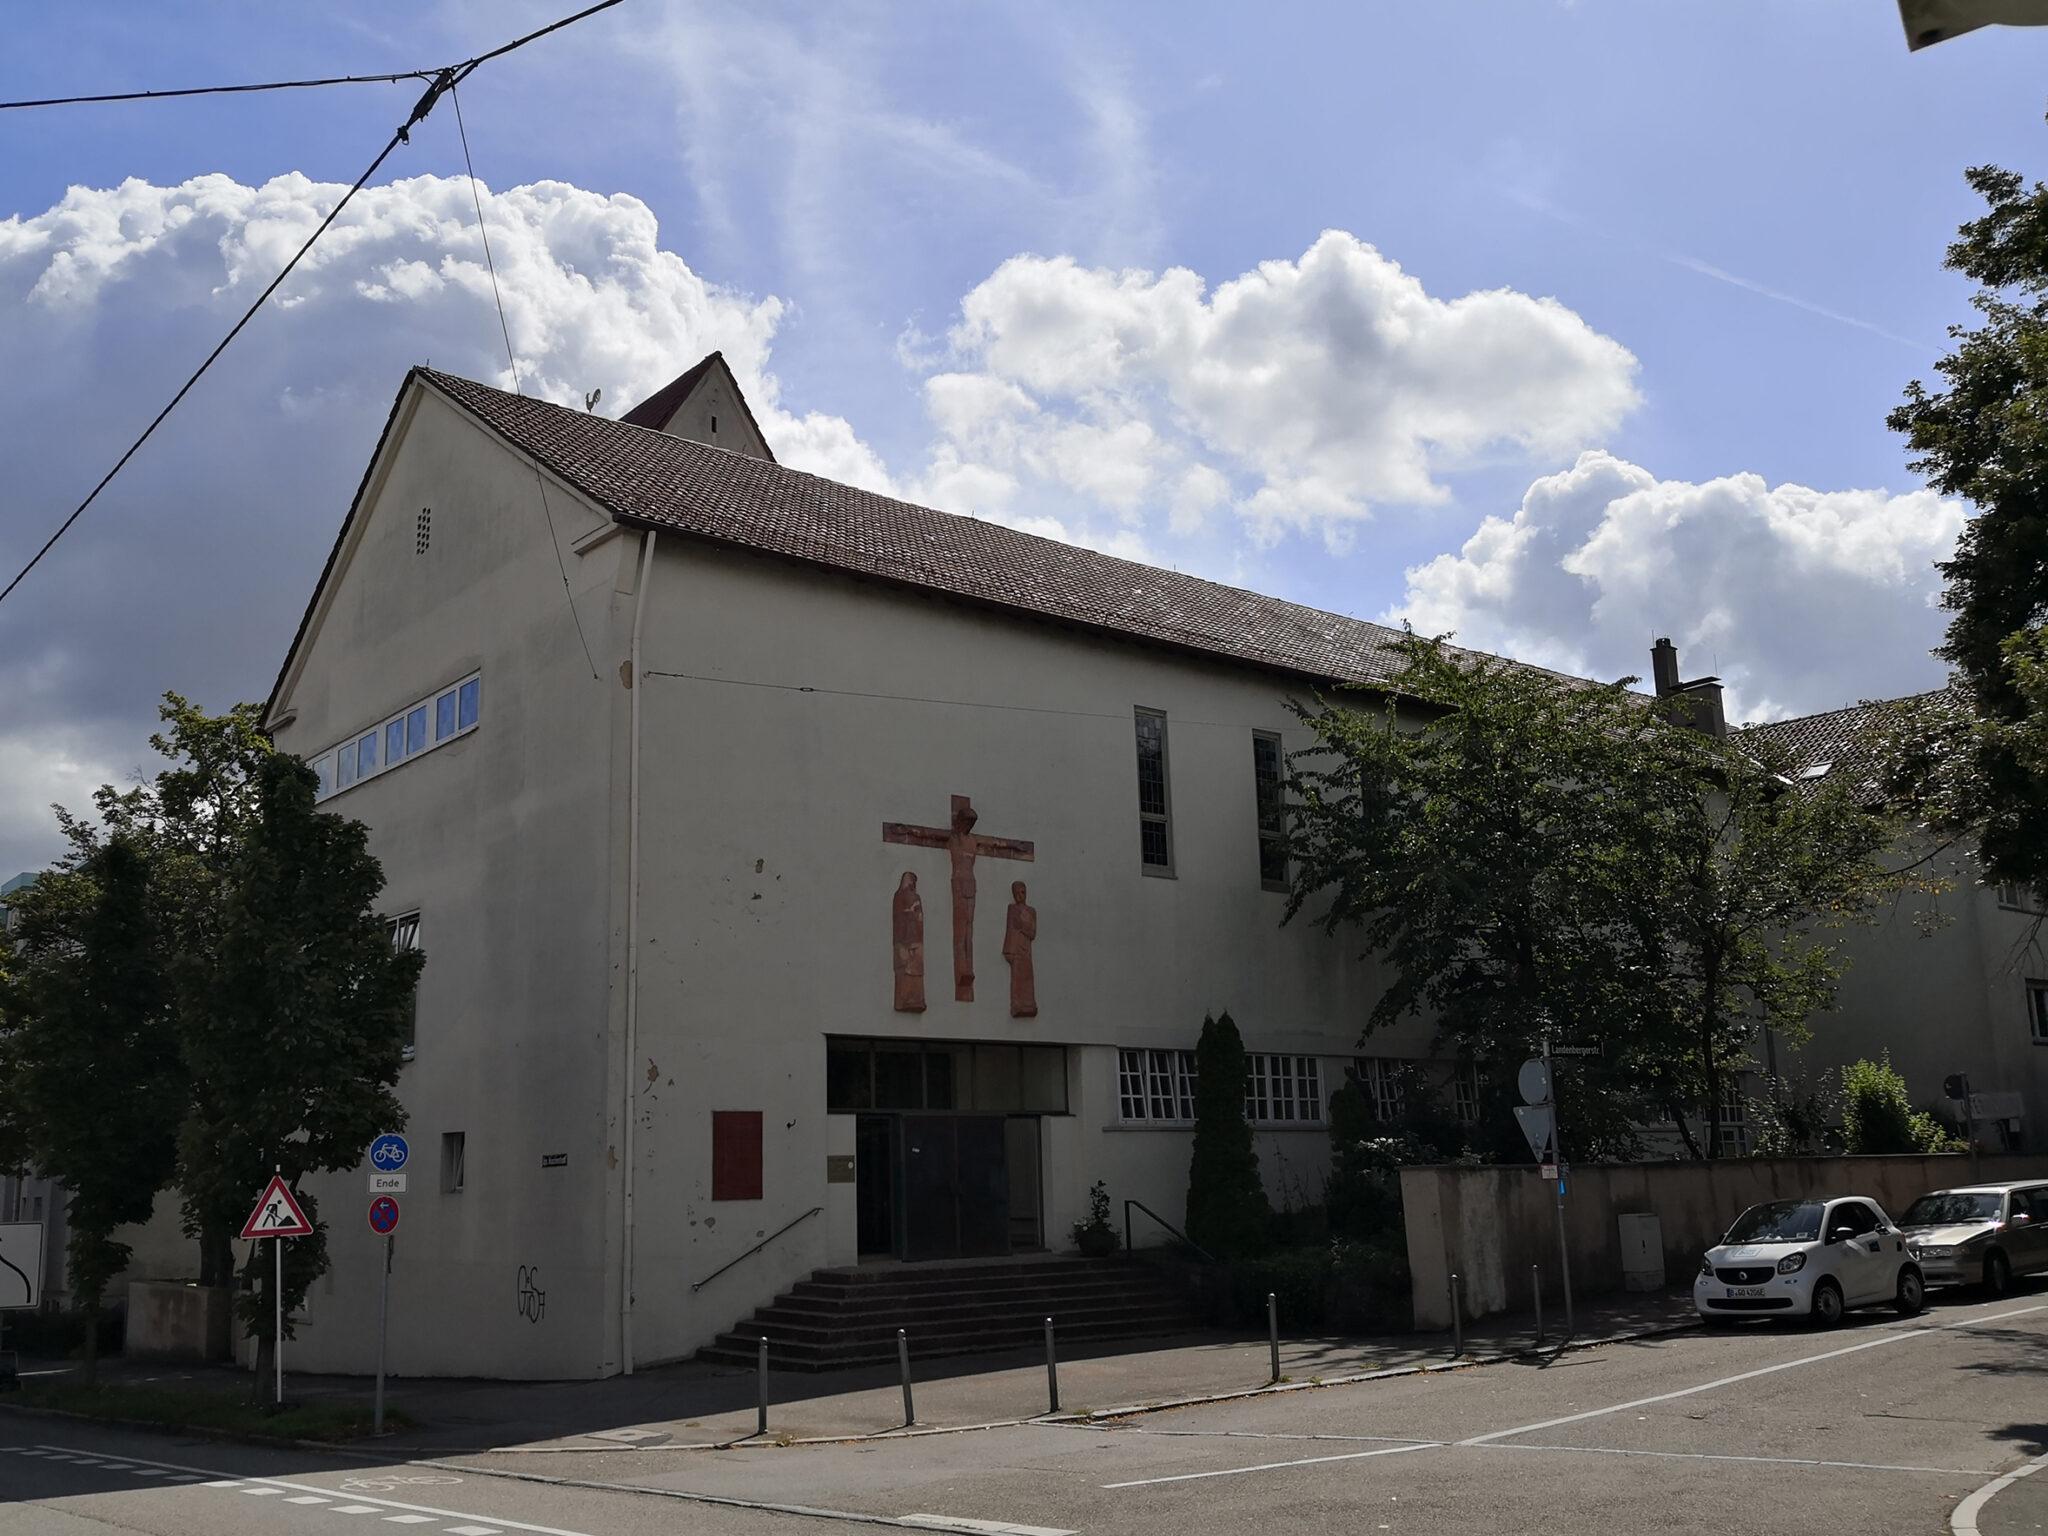 Brenzkirche